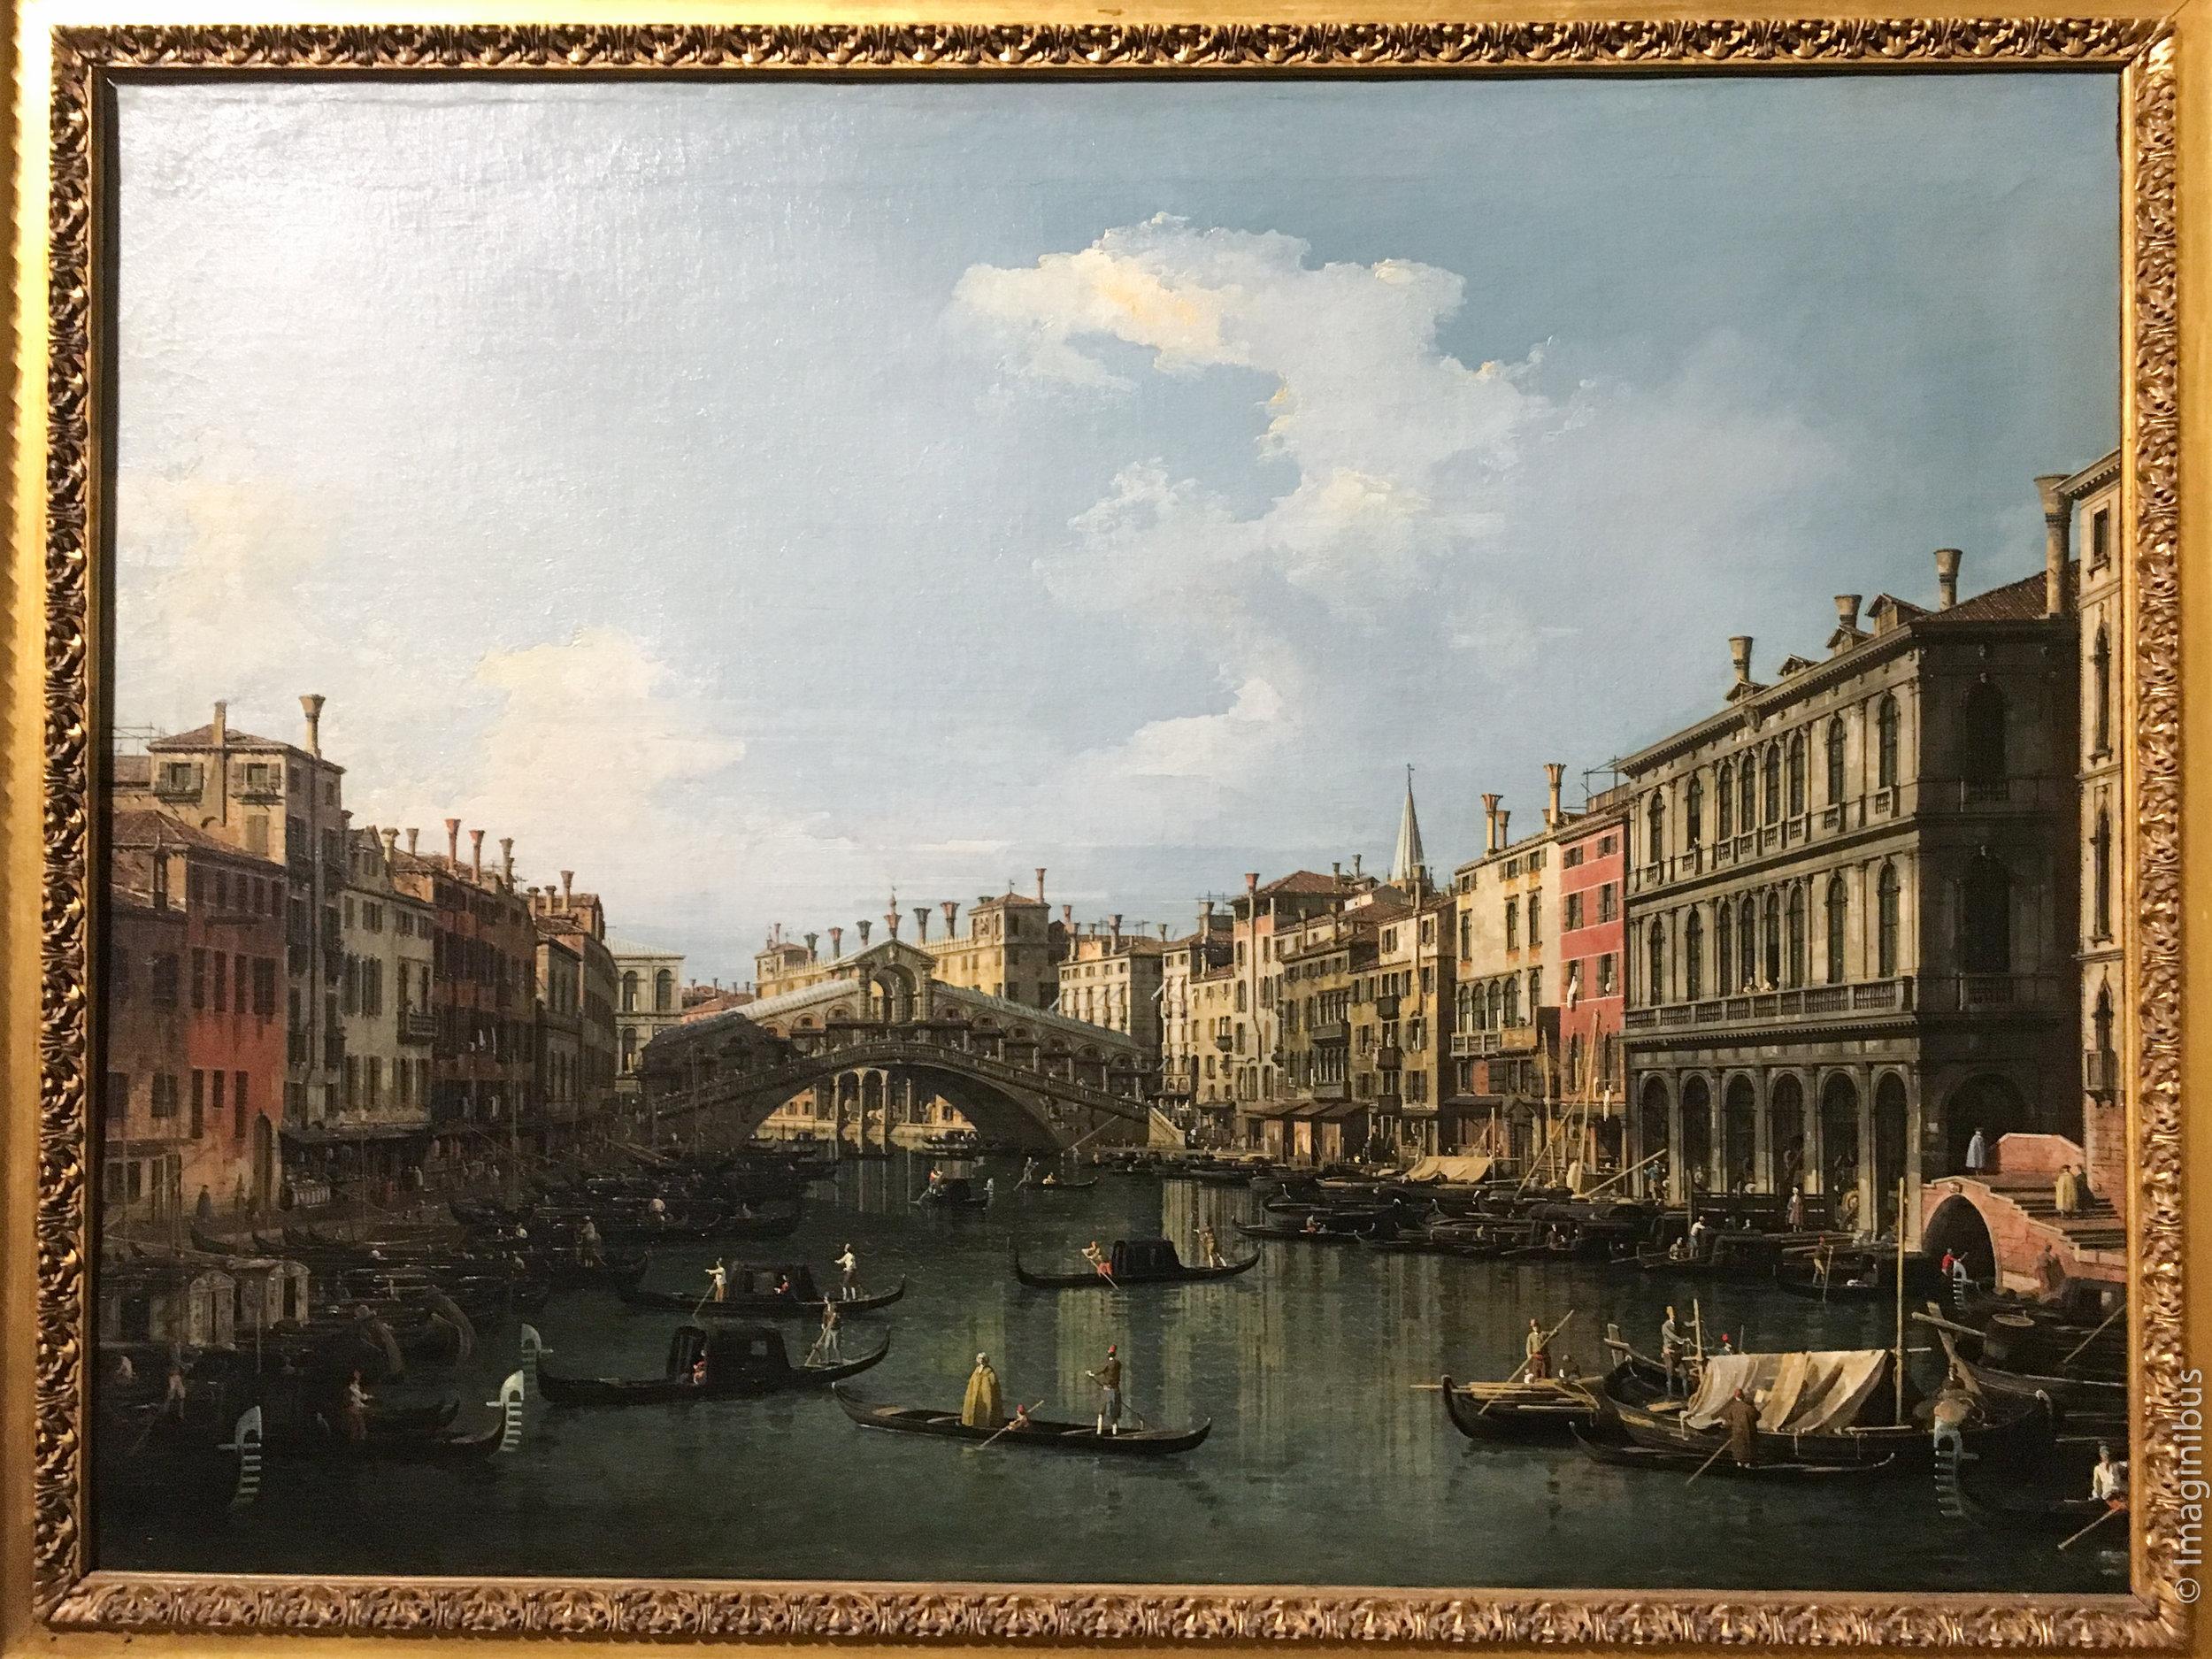 Palazzo Barberini Canaletto Venice the Rialto Bridge